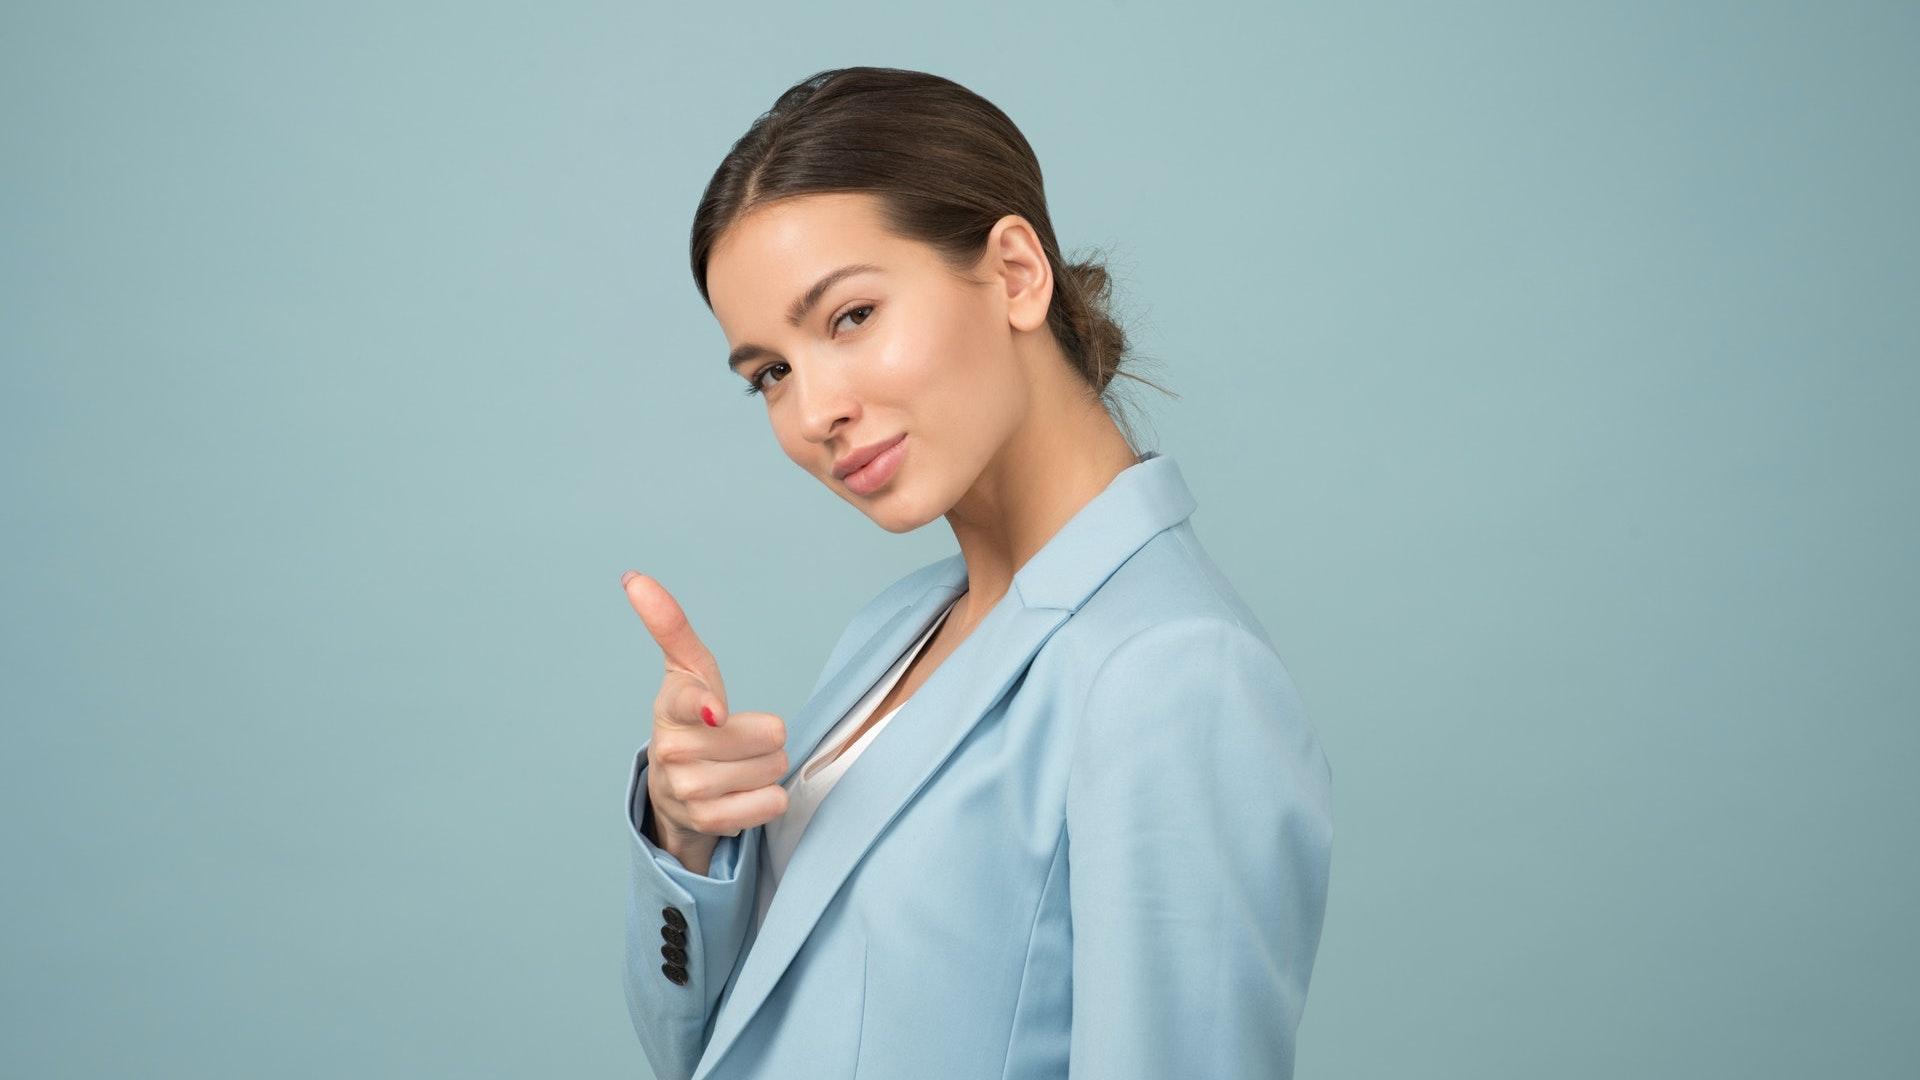 femme en veste bleue qui a l'air déterminée